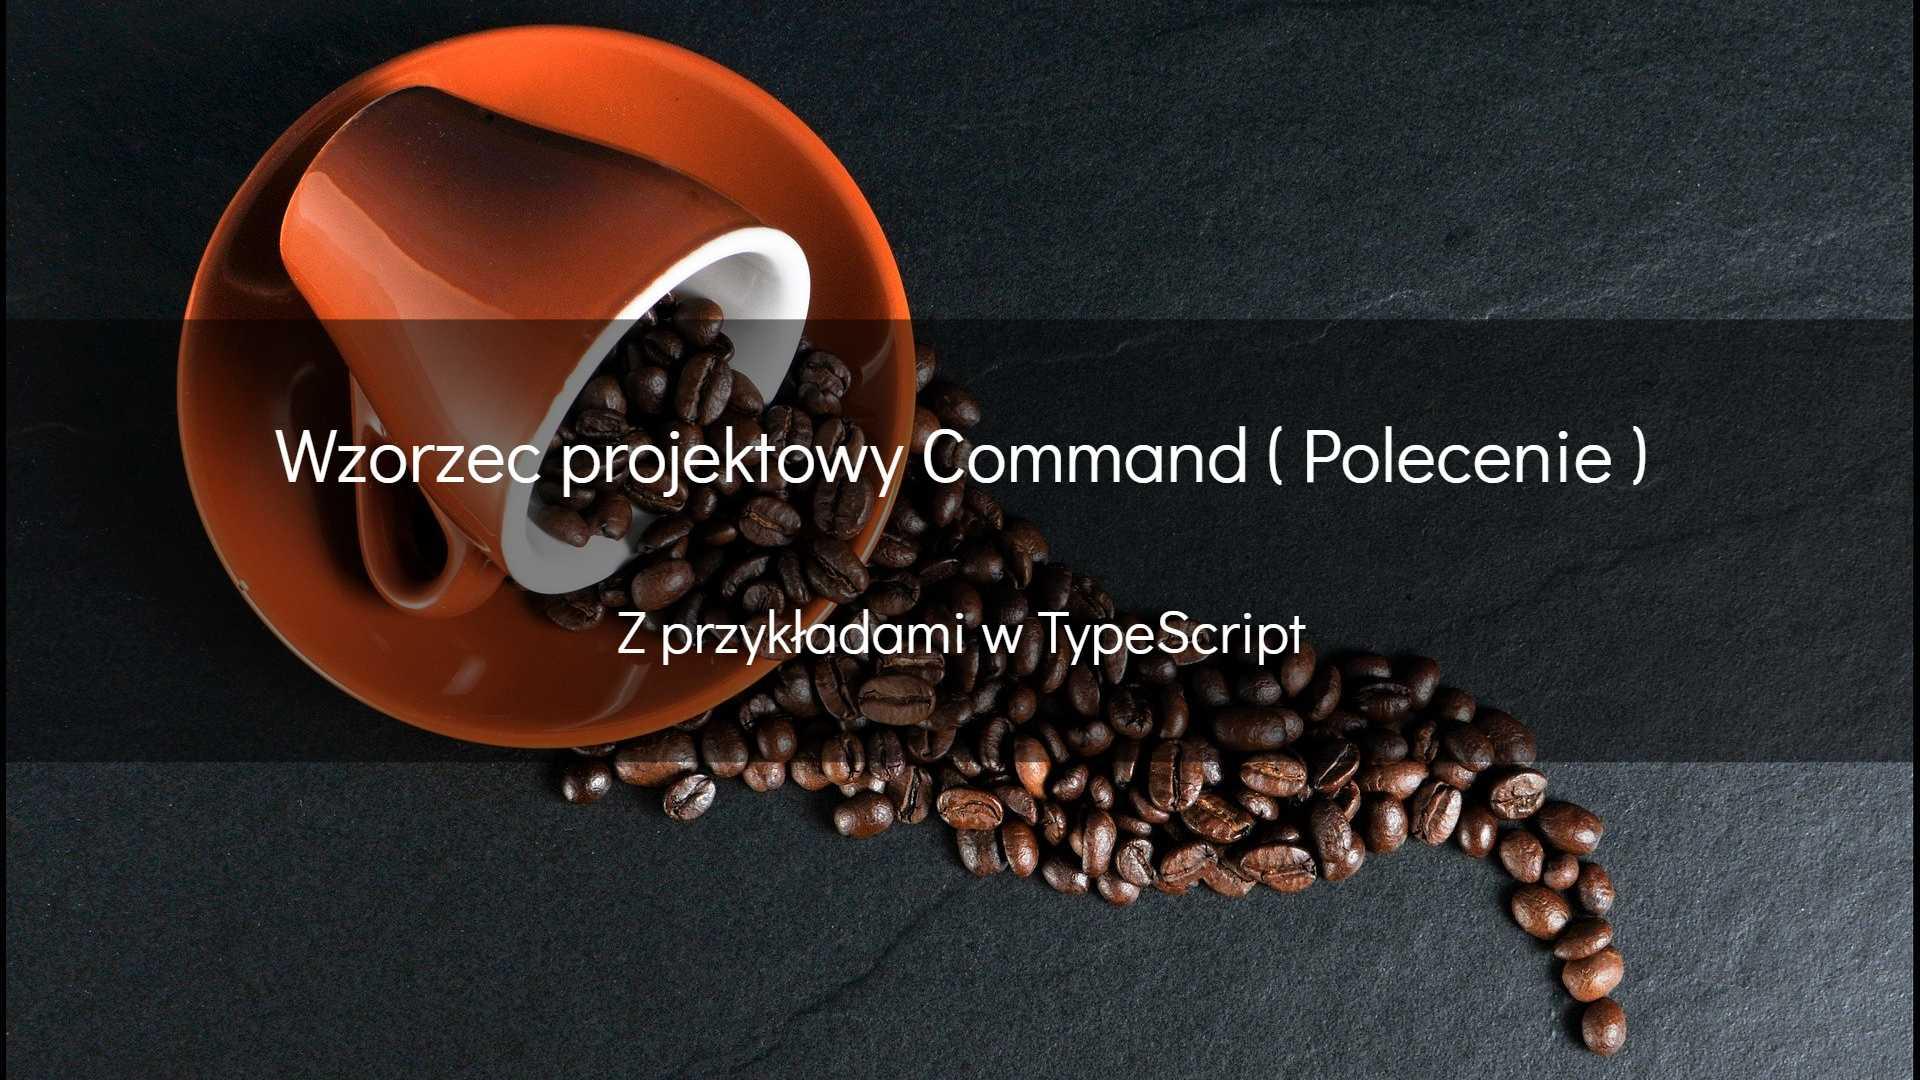 Wzorzec projektowy Command ( Polecenie )